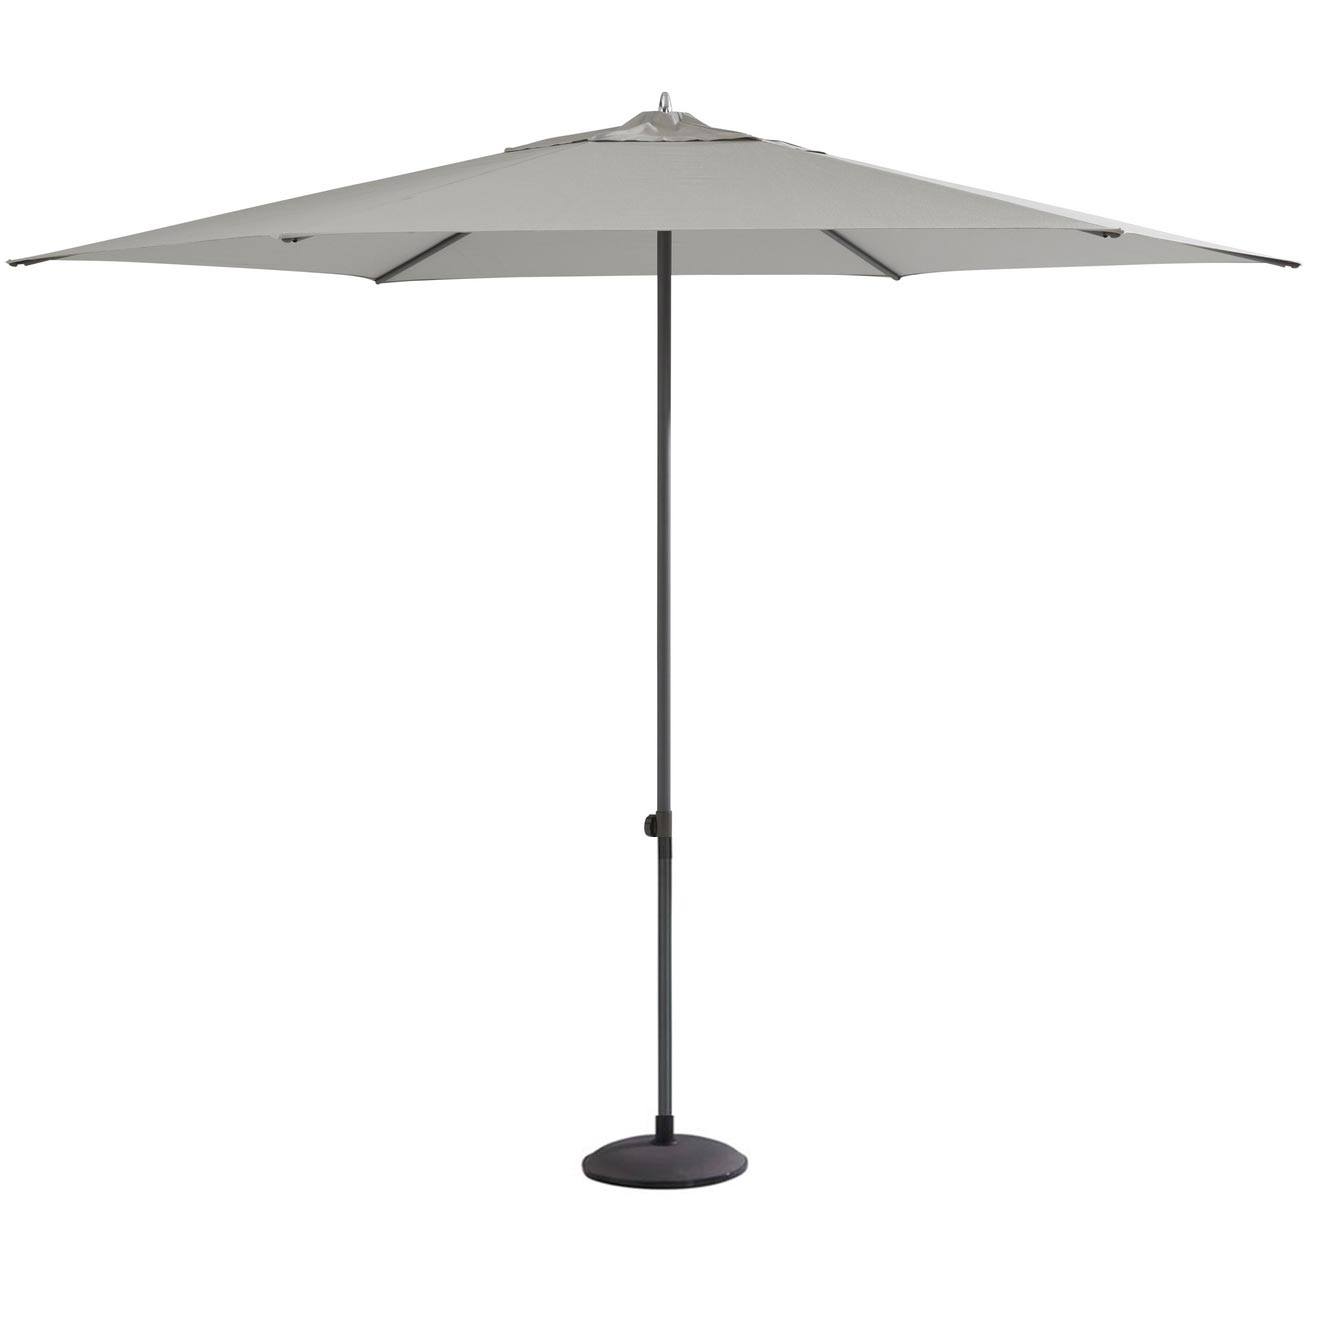 Parasol Azzurro 300cm (grey)